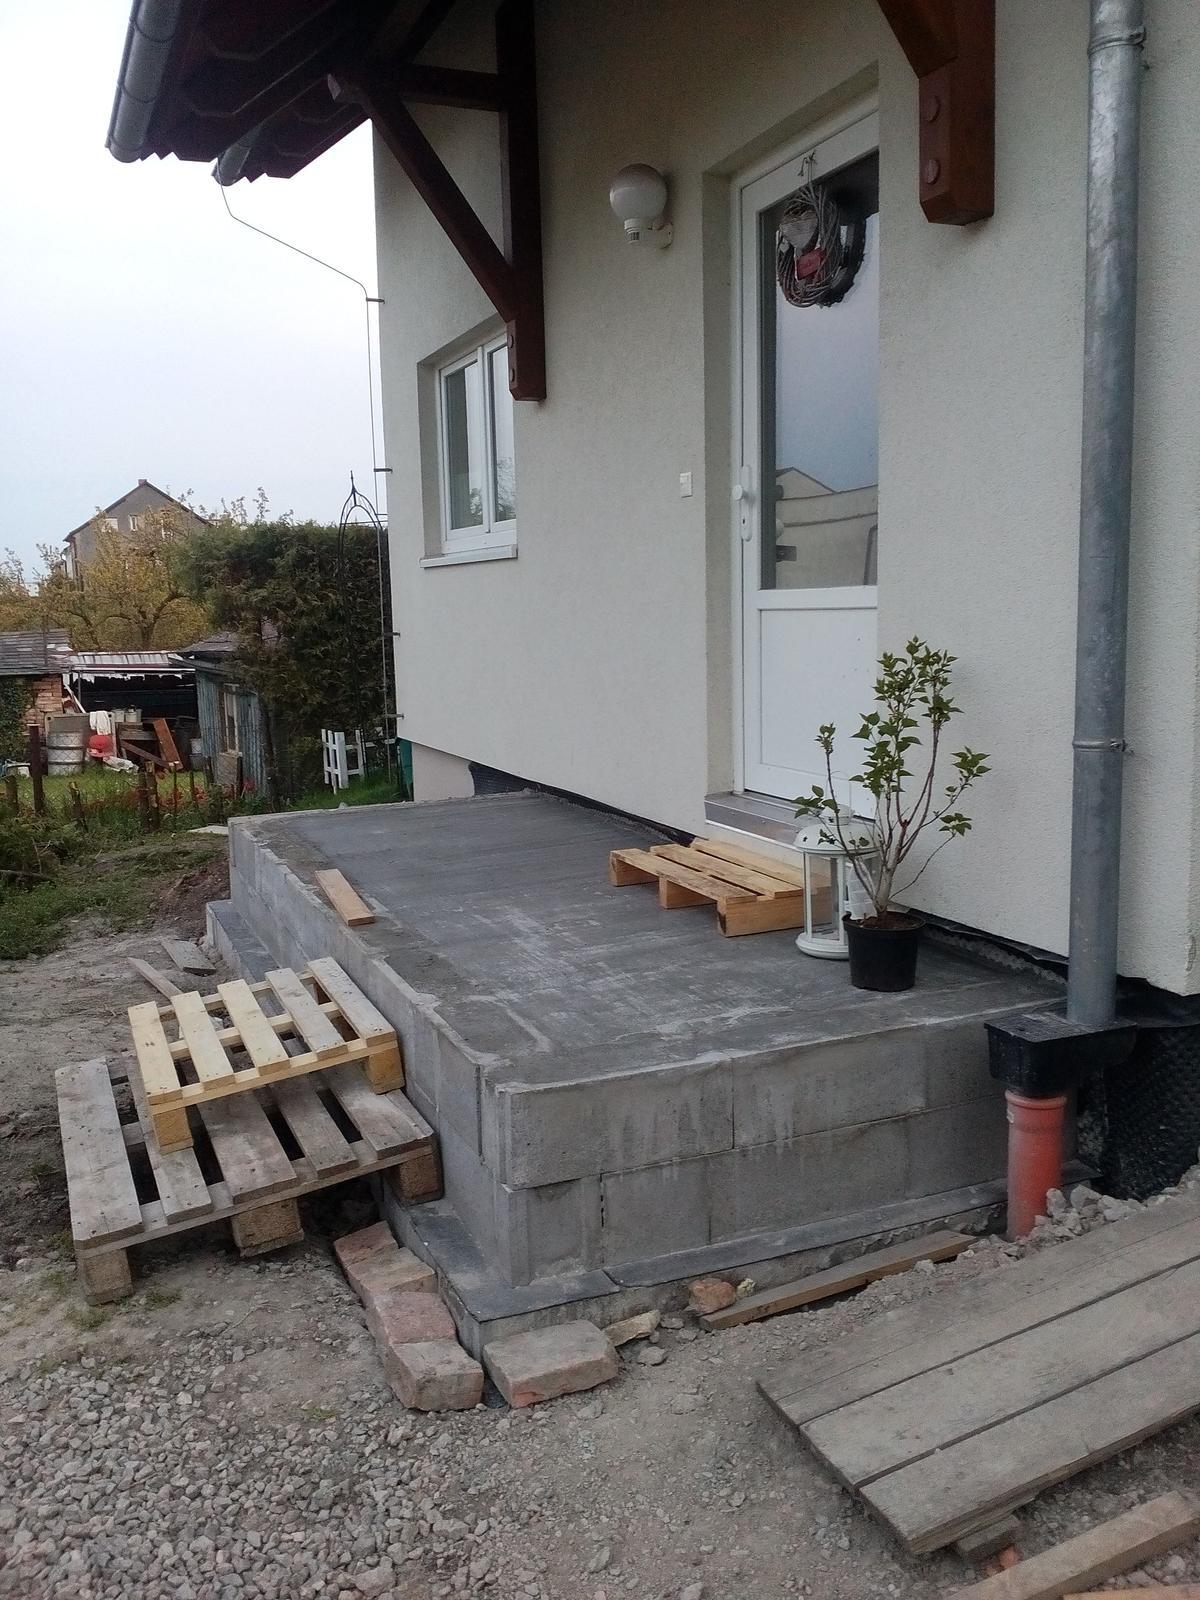 Schody do domu - projekt r.2016 - Konec prvej časti. Dlažba je v garáži, tehly objednané a stolár na zabradlie sa má zastavit zajtra takže máme nútený oddych.